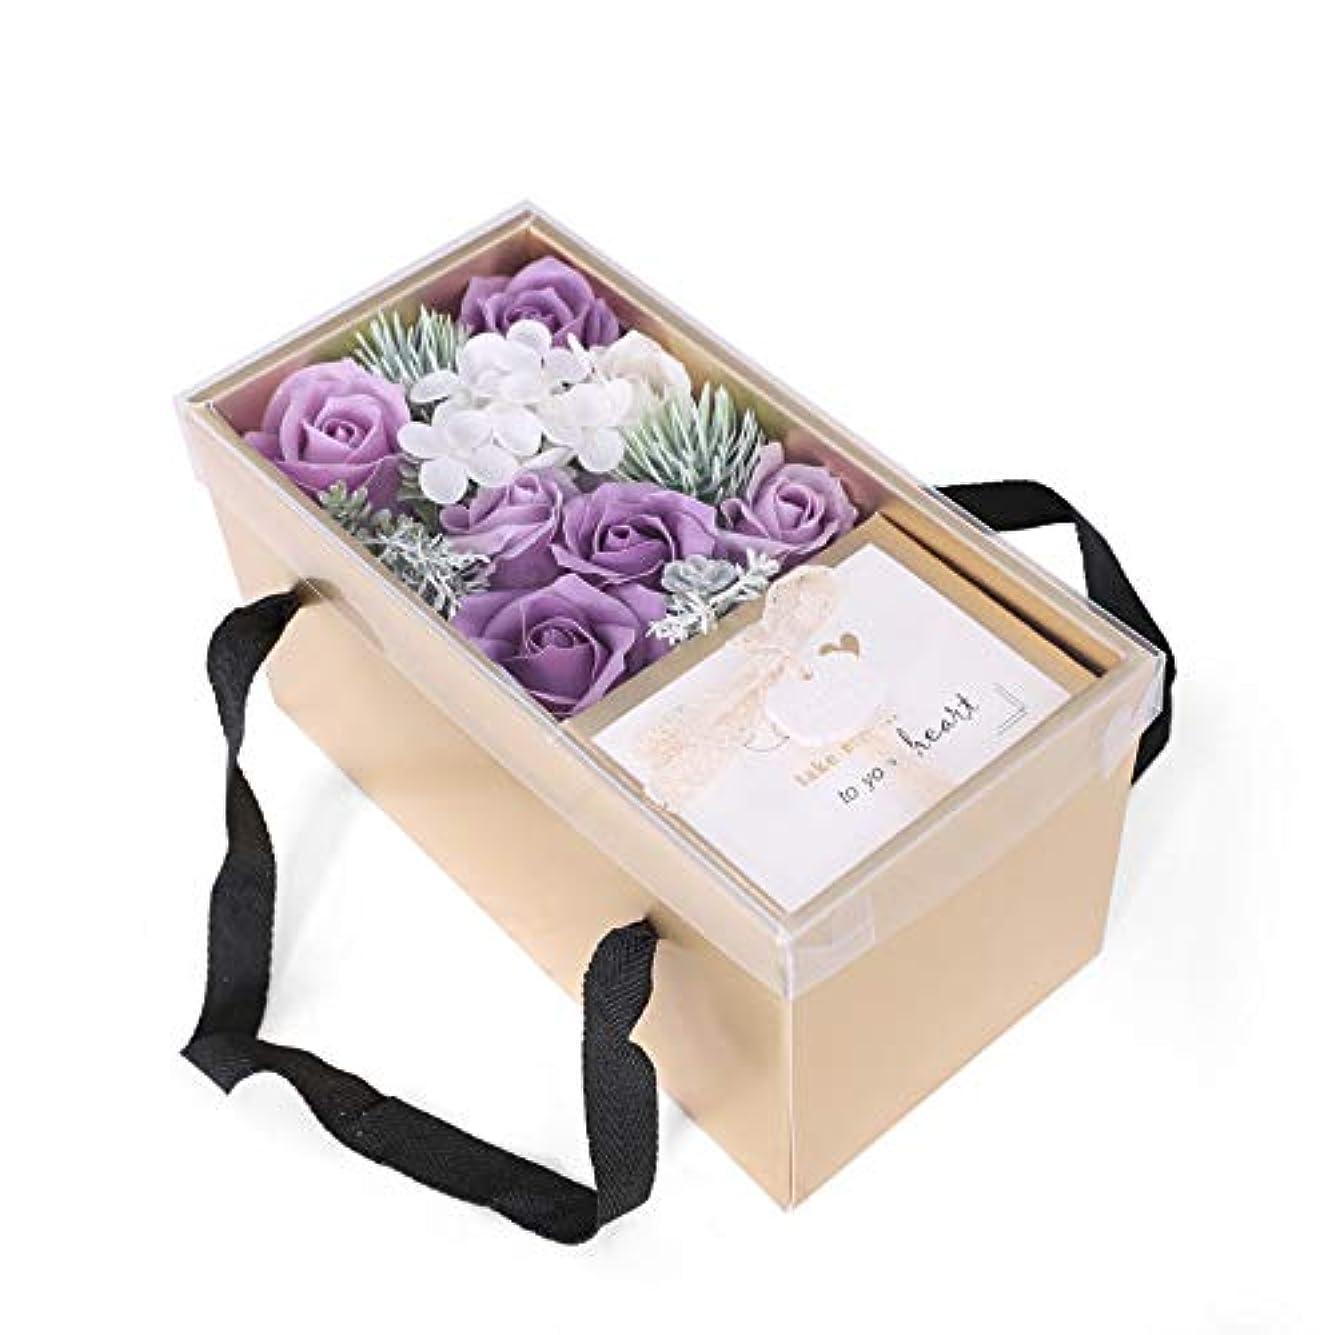 衝撃追放する中絶生地と花石鹸の花 バスソープフラワーローズフラワーバレンタインデーのために必須ガールフレンド記念日誕生日母の日ポータブルギフトボックス (色 : 紫の)